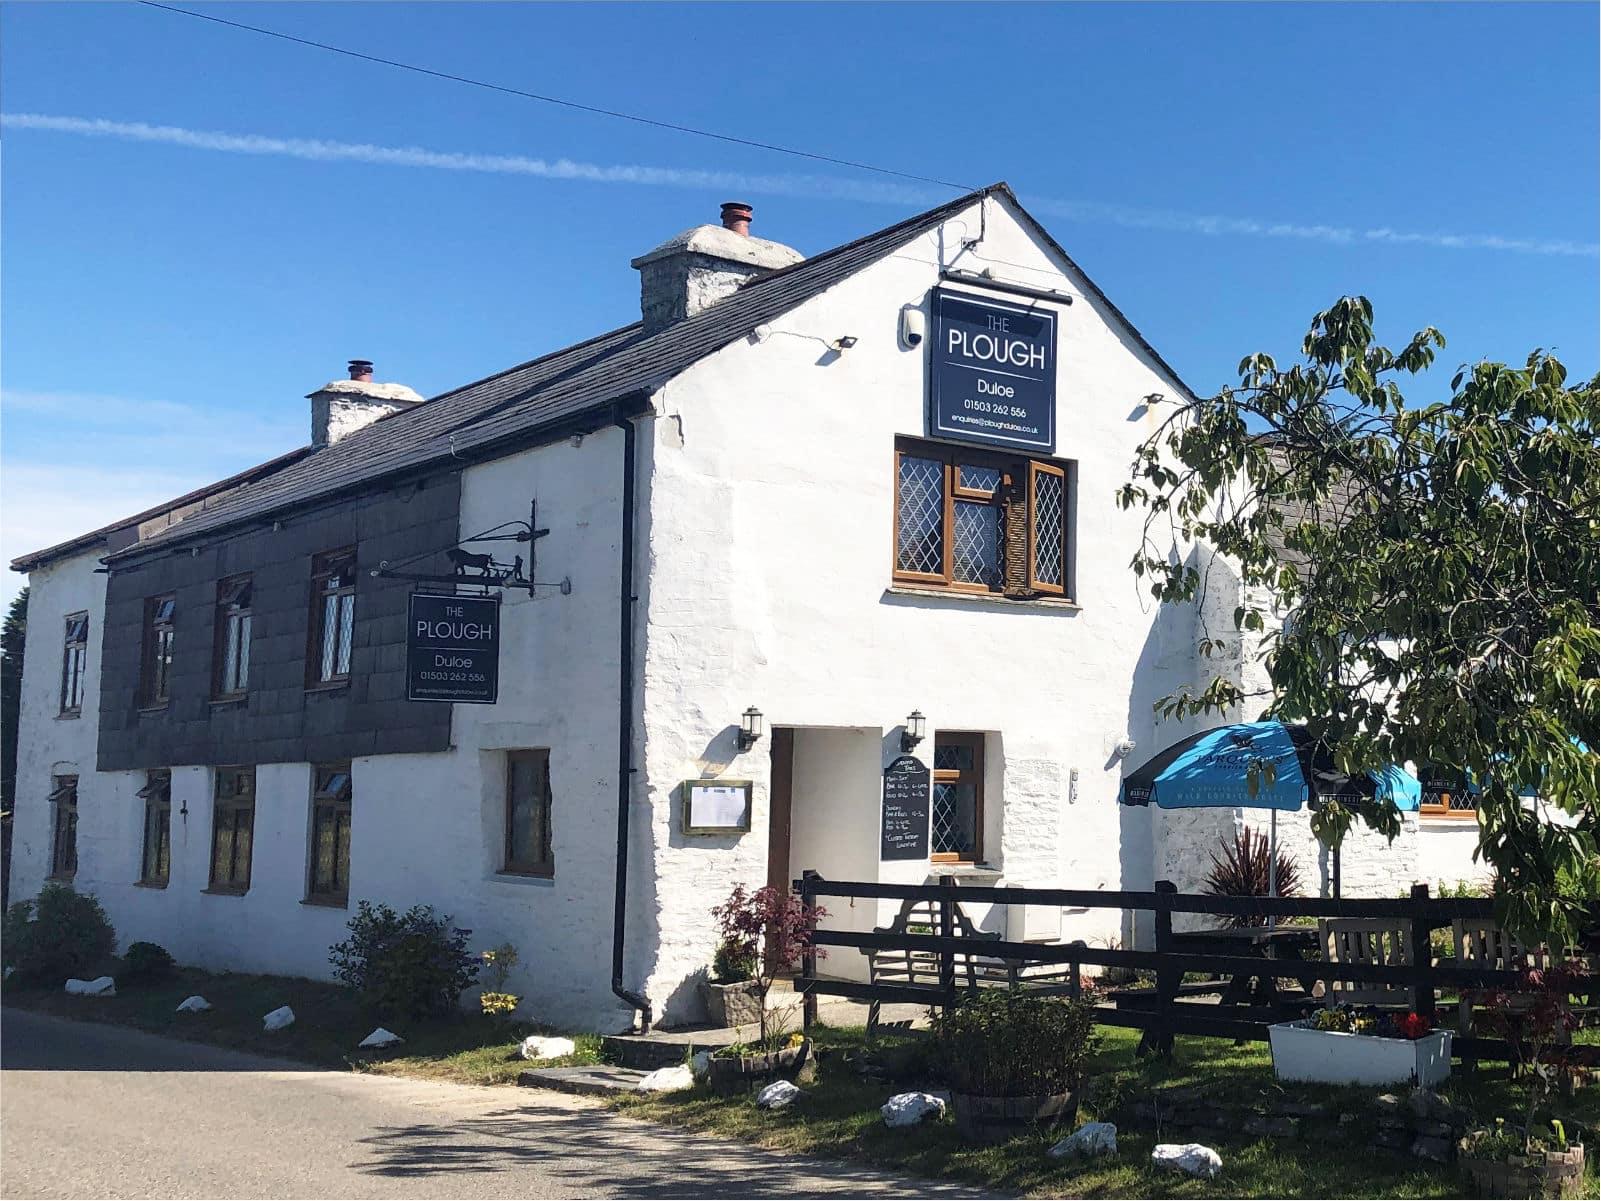 The Plough Polraen Country House 2